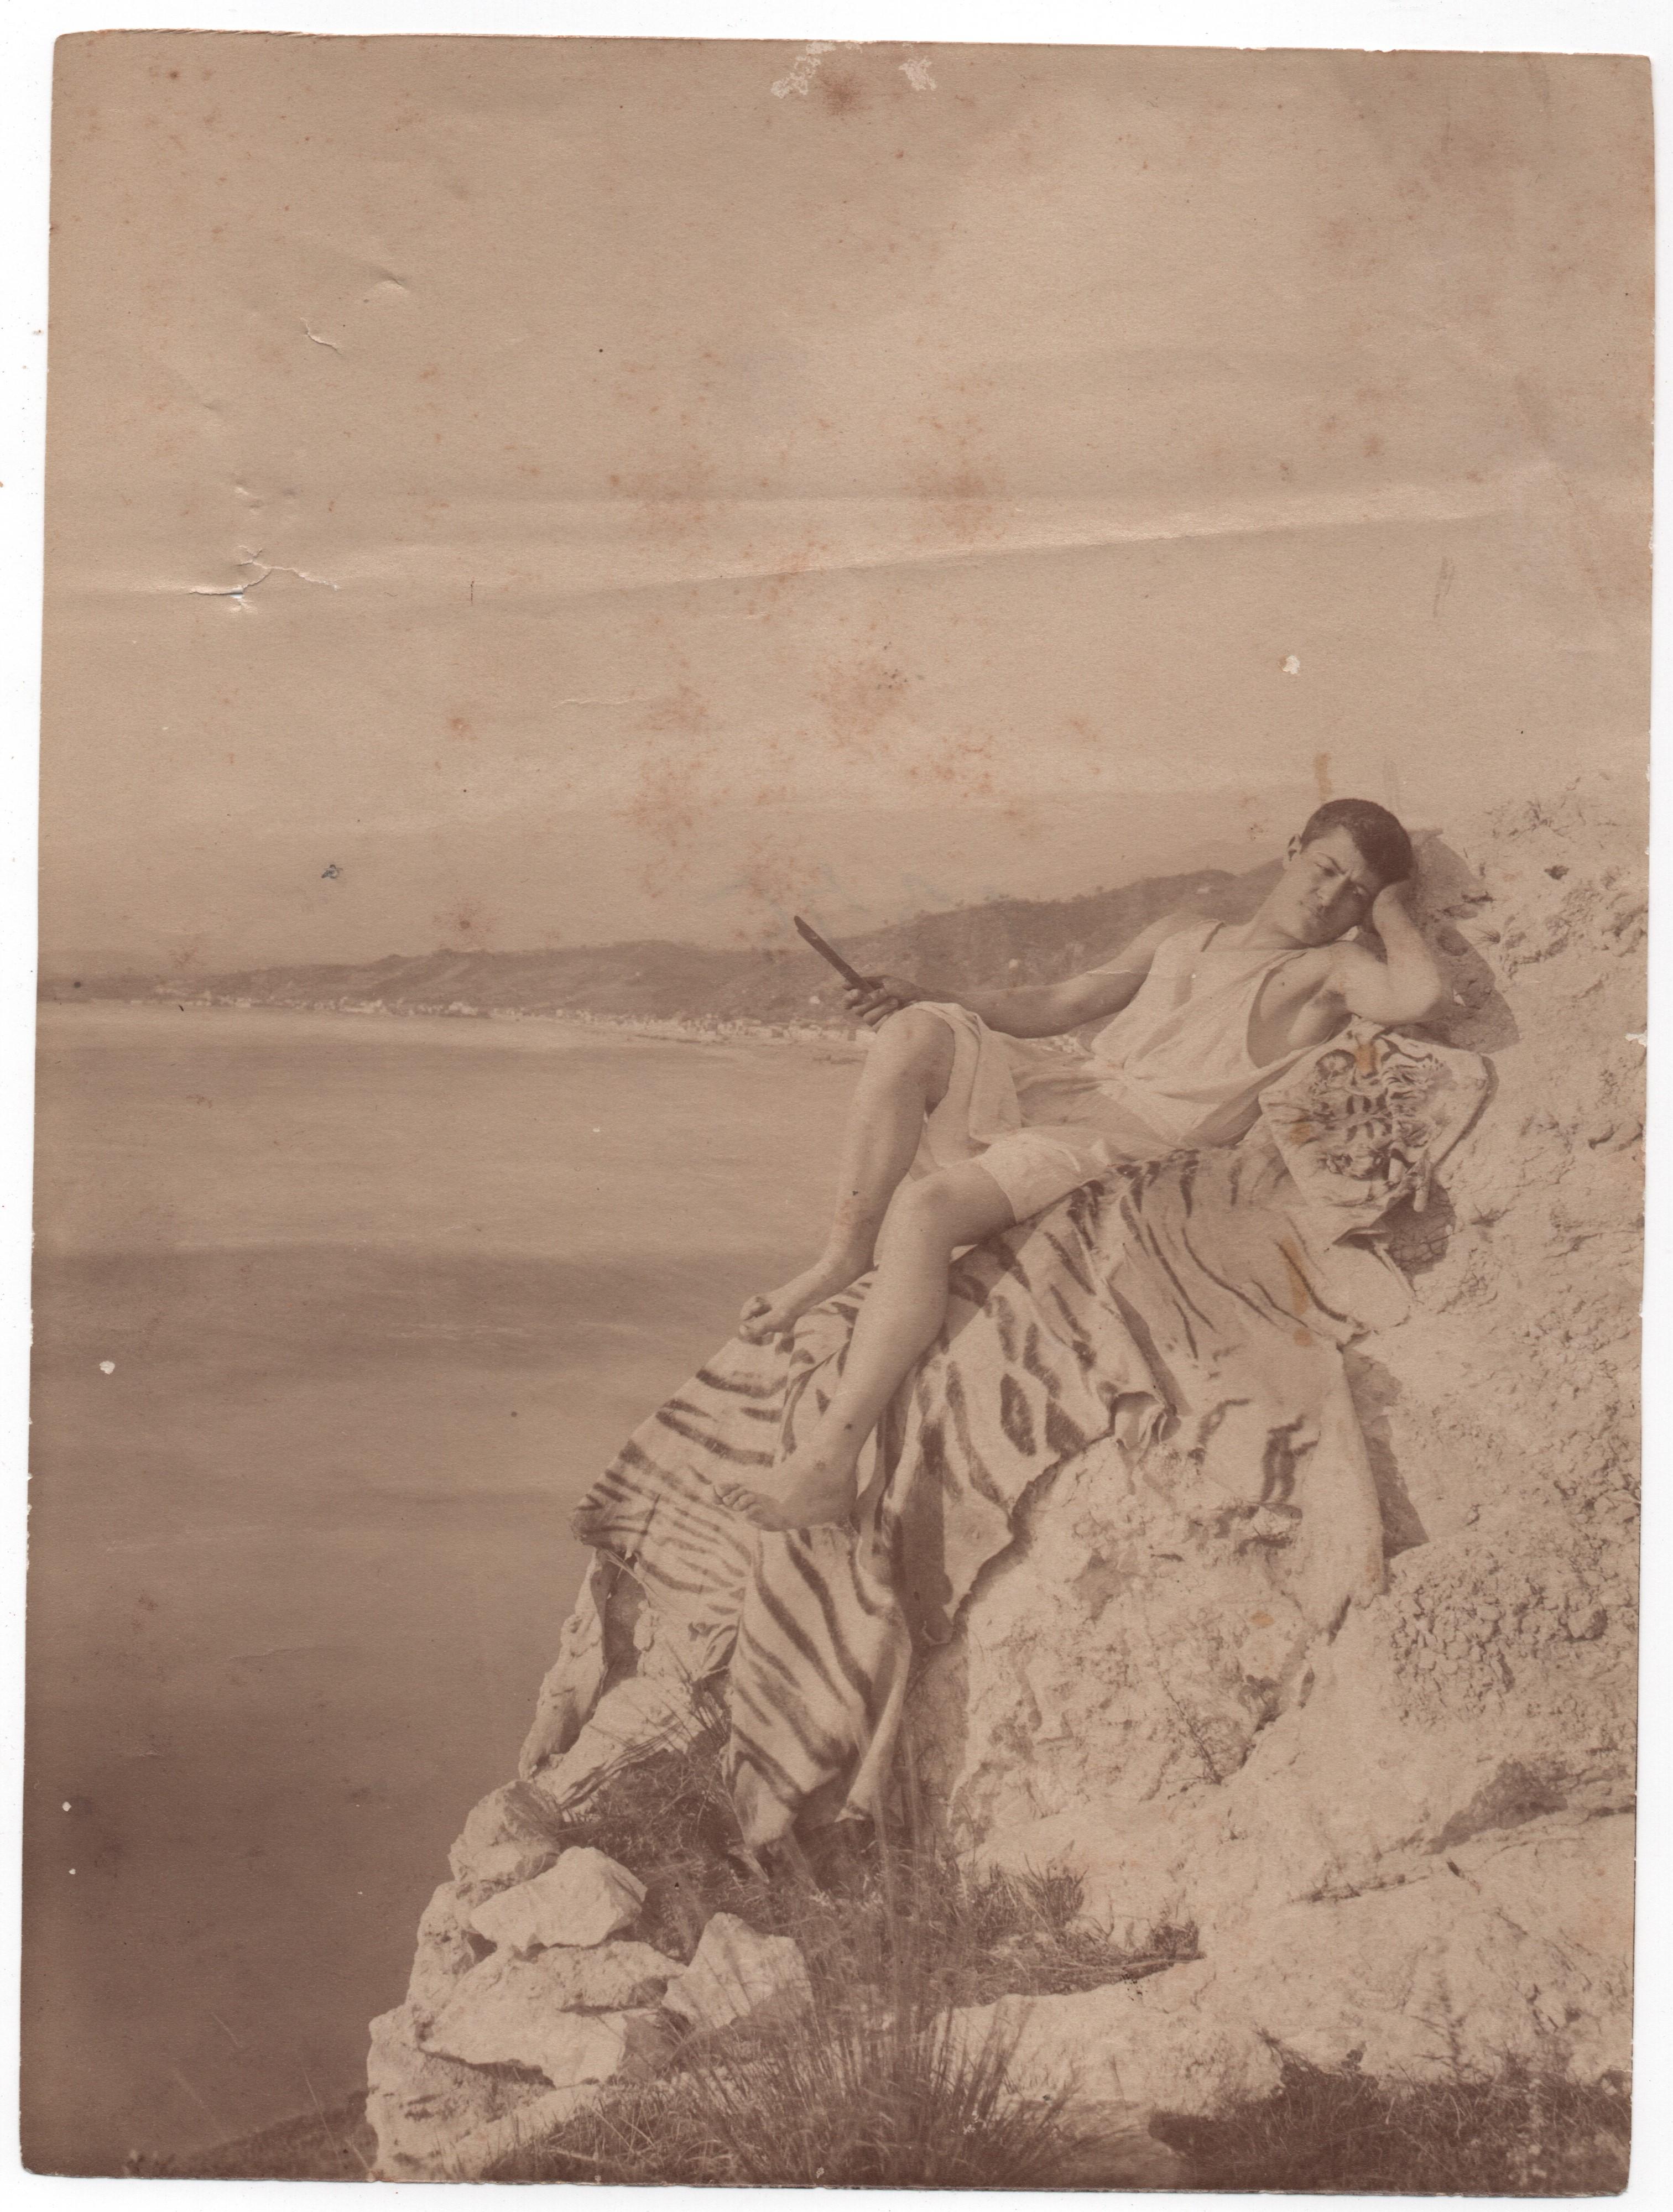 File:Gloeden, Wilhelm von (1856-1931) - n. 1375 -